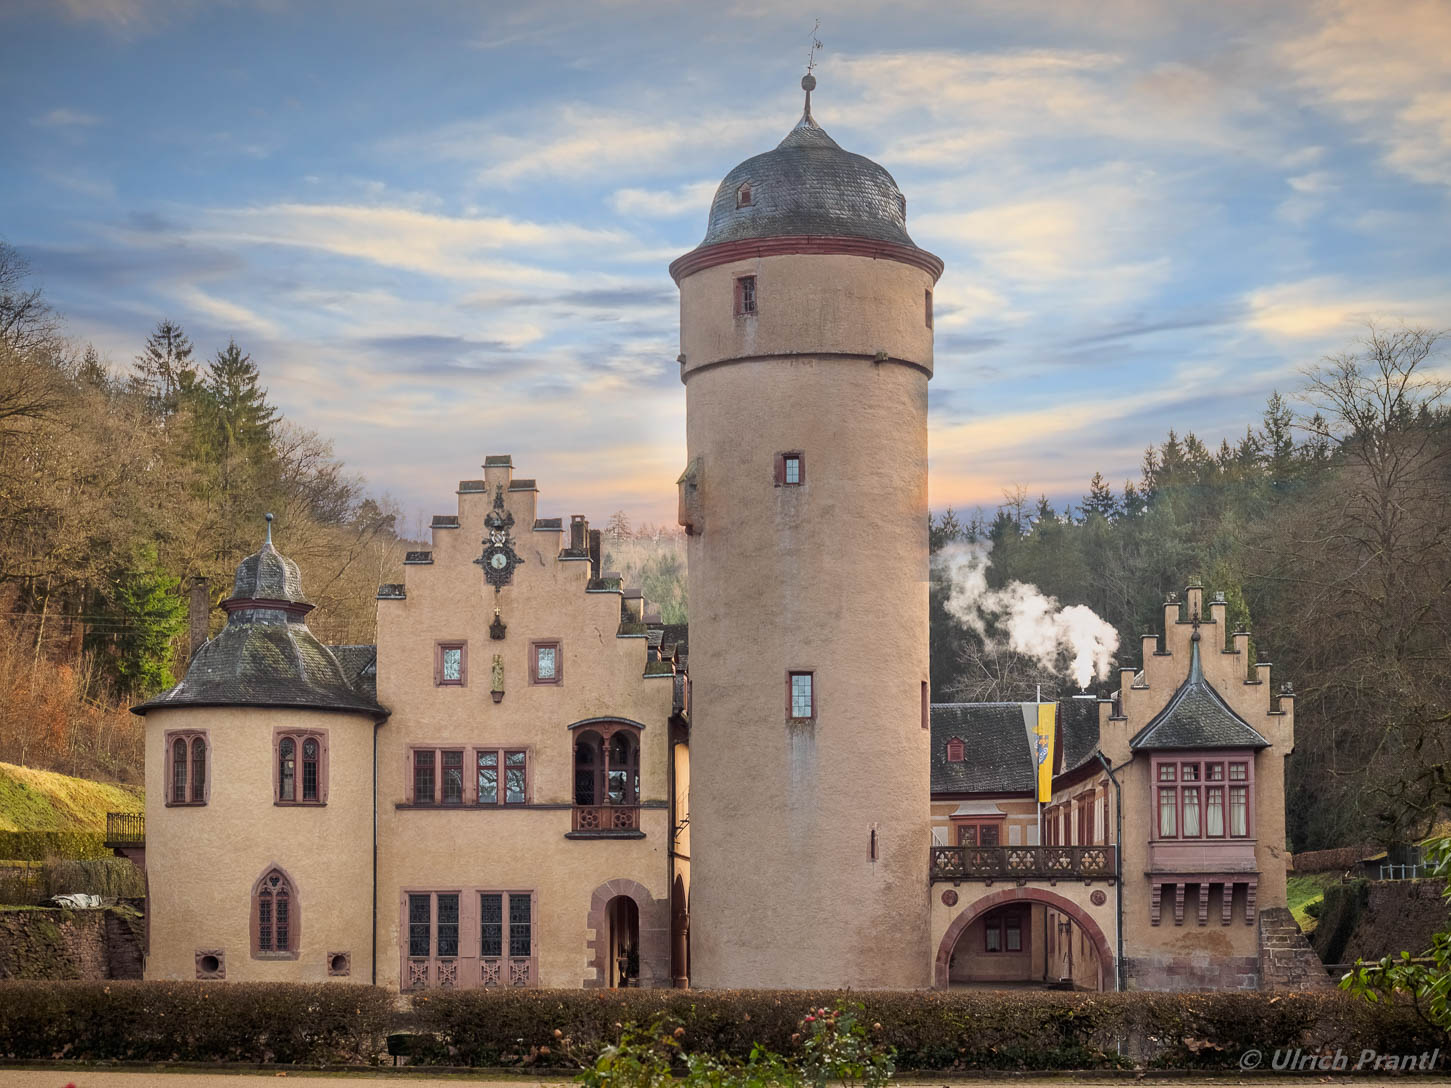 Spessart: Schloss Mespelbrunn